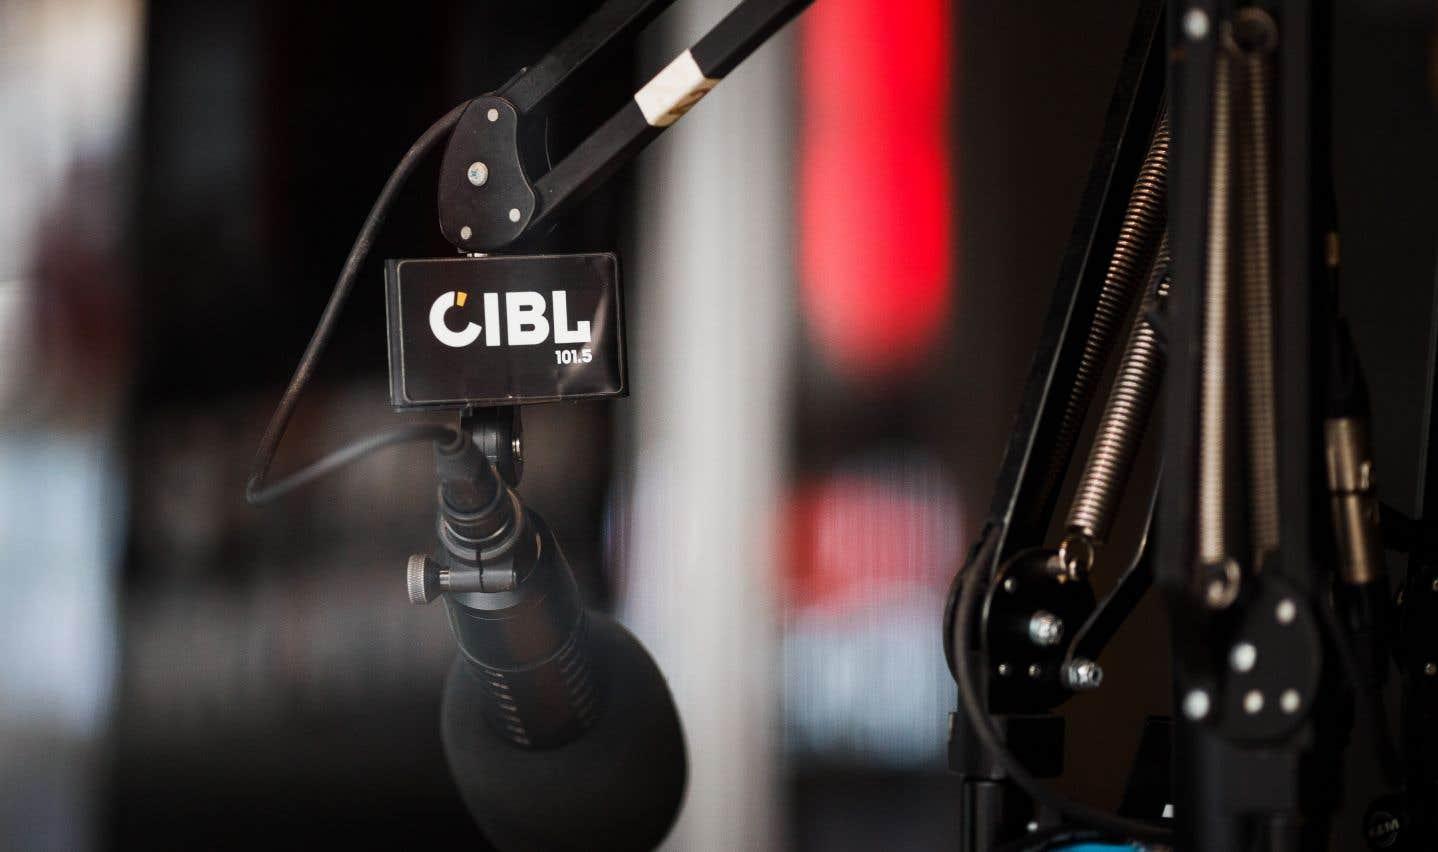 Vendredi dernier, la station communautaire CIBL a annoncé à ses treize employés qu'ils étaient mis à pied jusqu'à nouvel ordre, étant incapable de les payer.